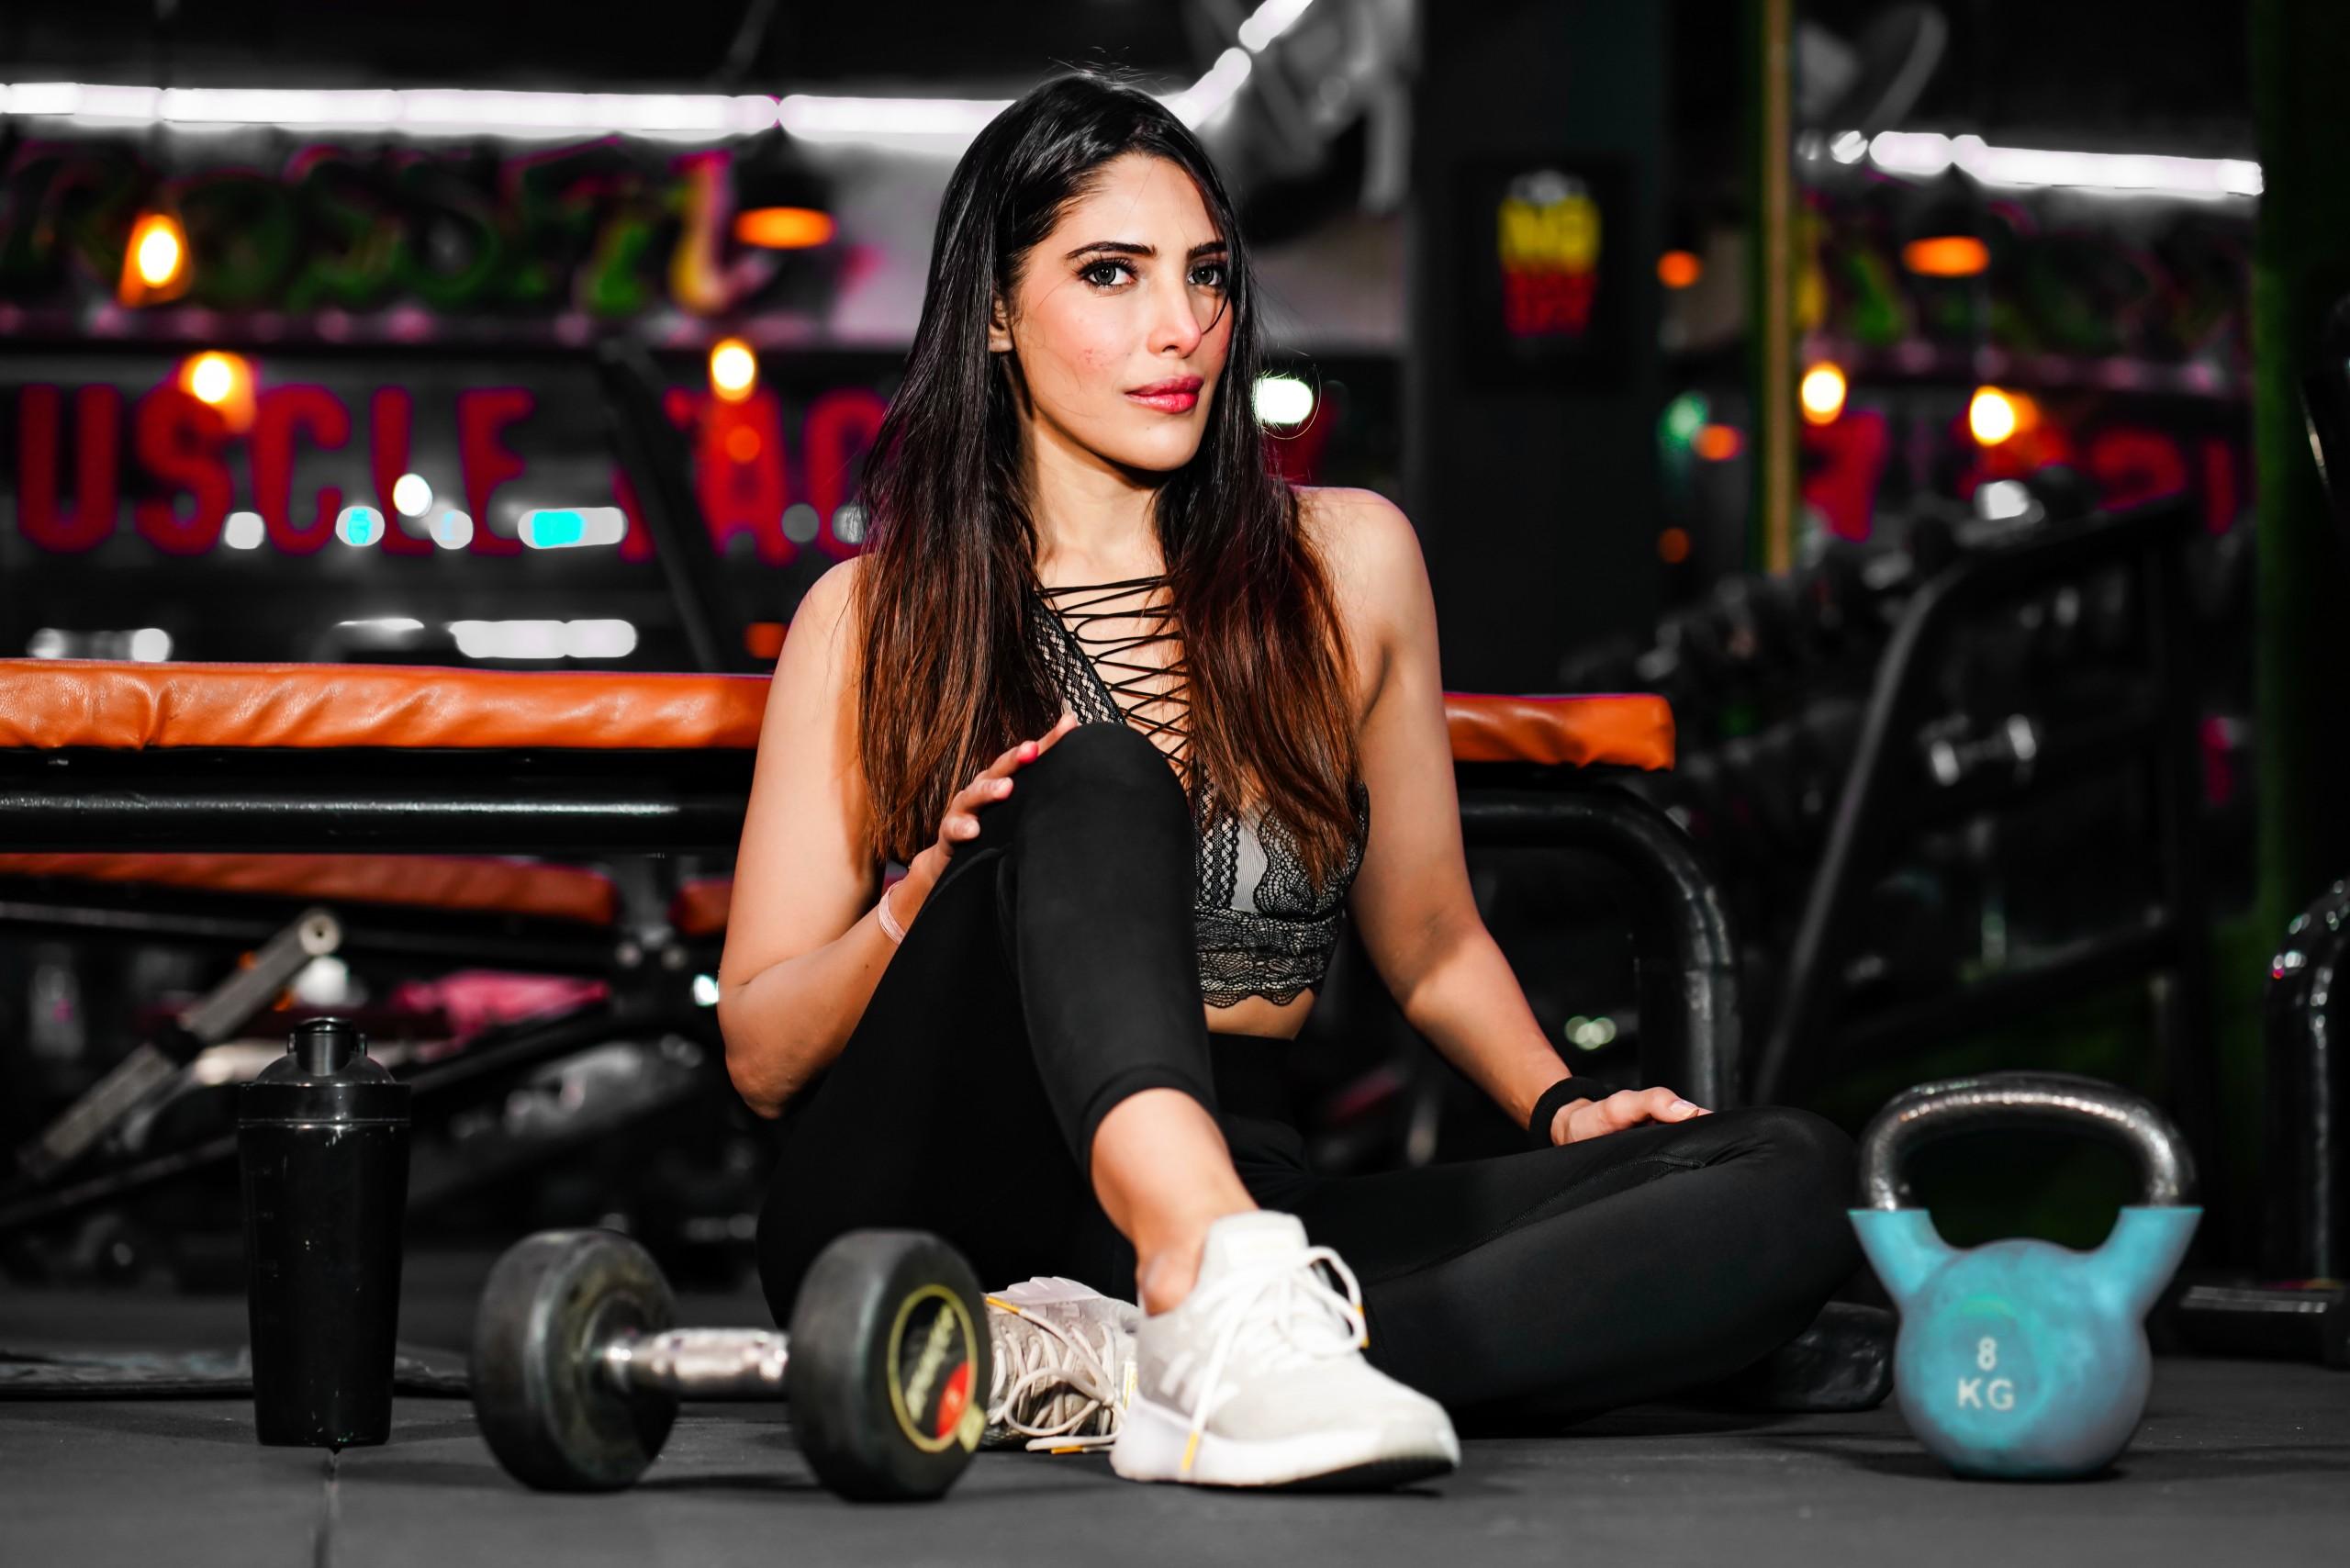 Female gym trainer